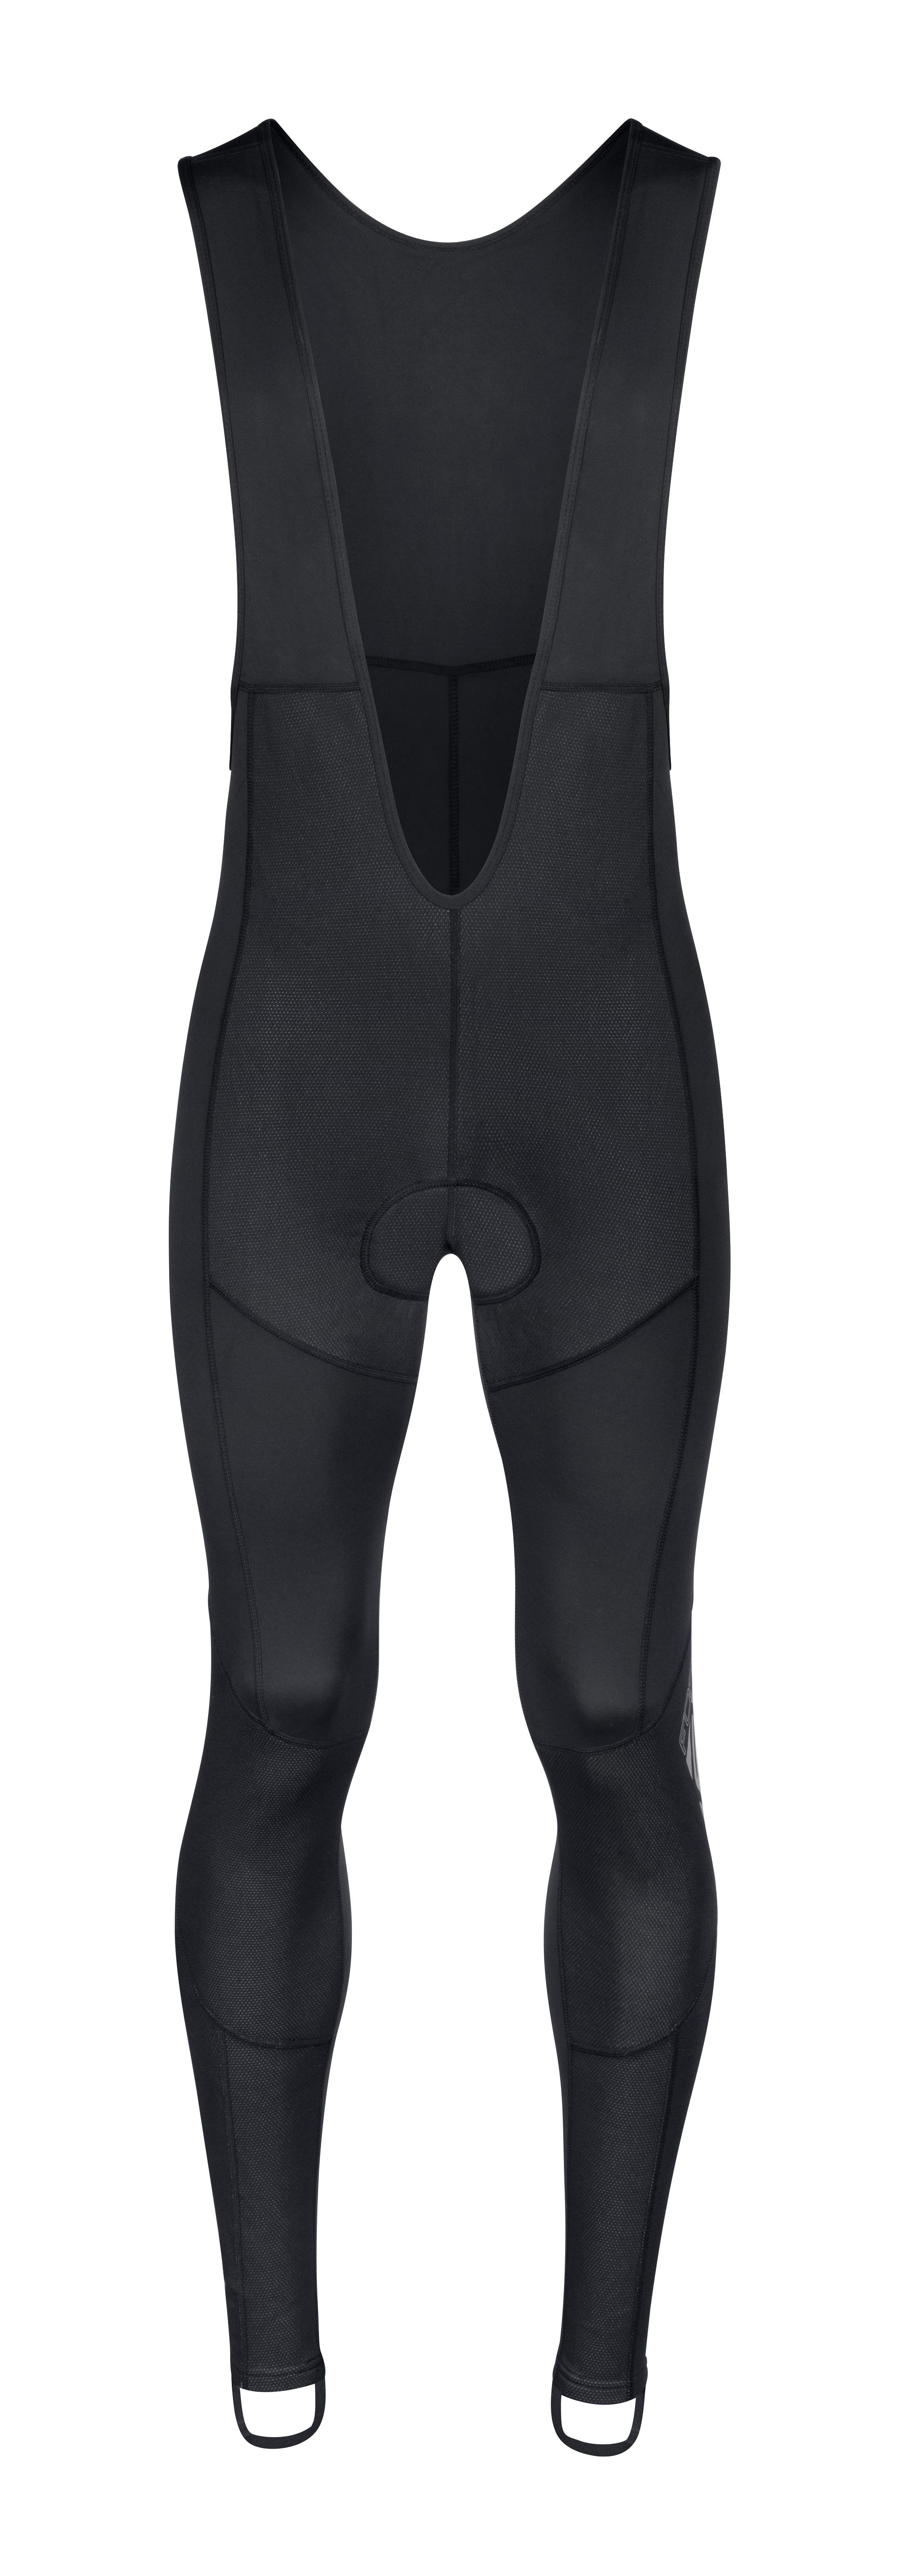 kalhoty F SHARD WINDSTER se šráky a vl, črn XS